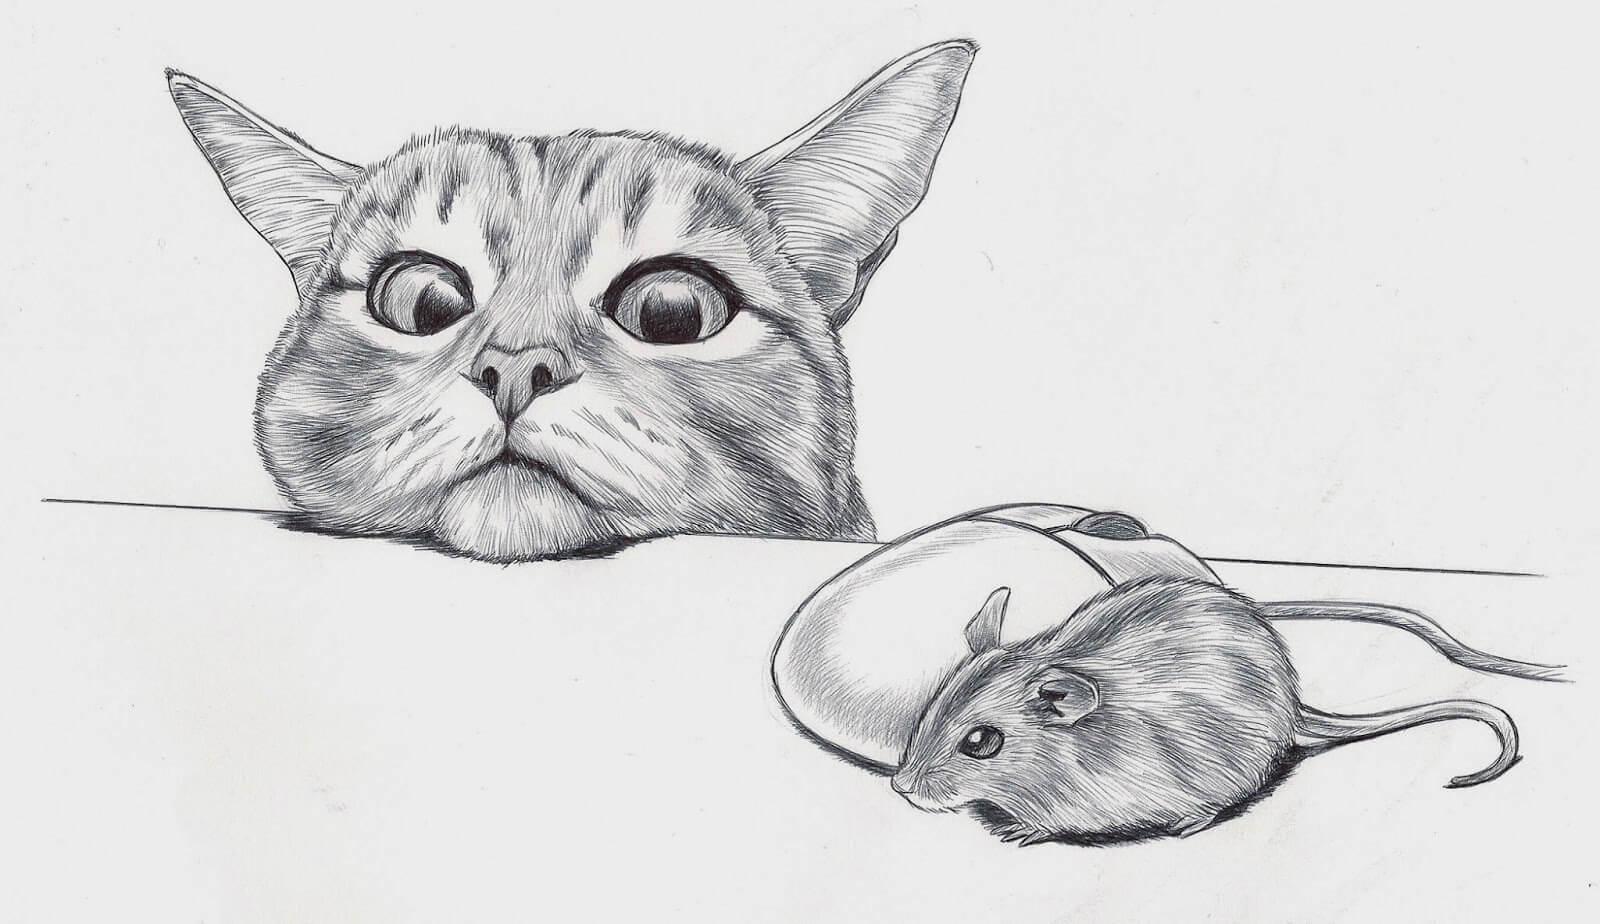 Dibujos de animales a lapiz o carboncillo - Página 3 Dibujos-de-gatos-a-lapiz